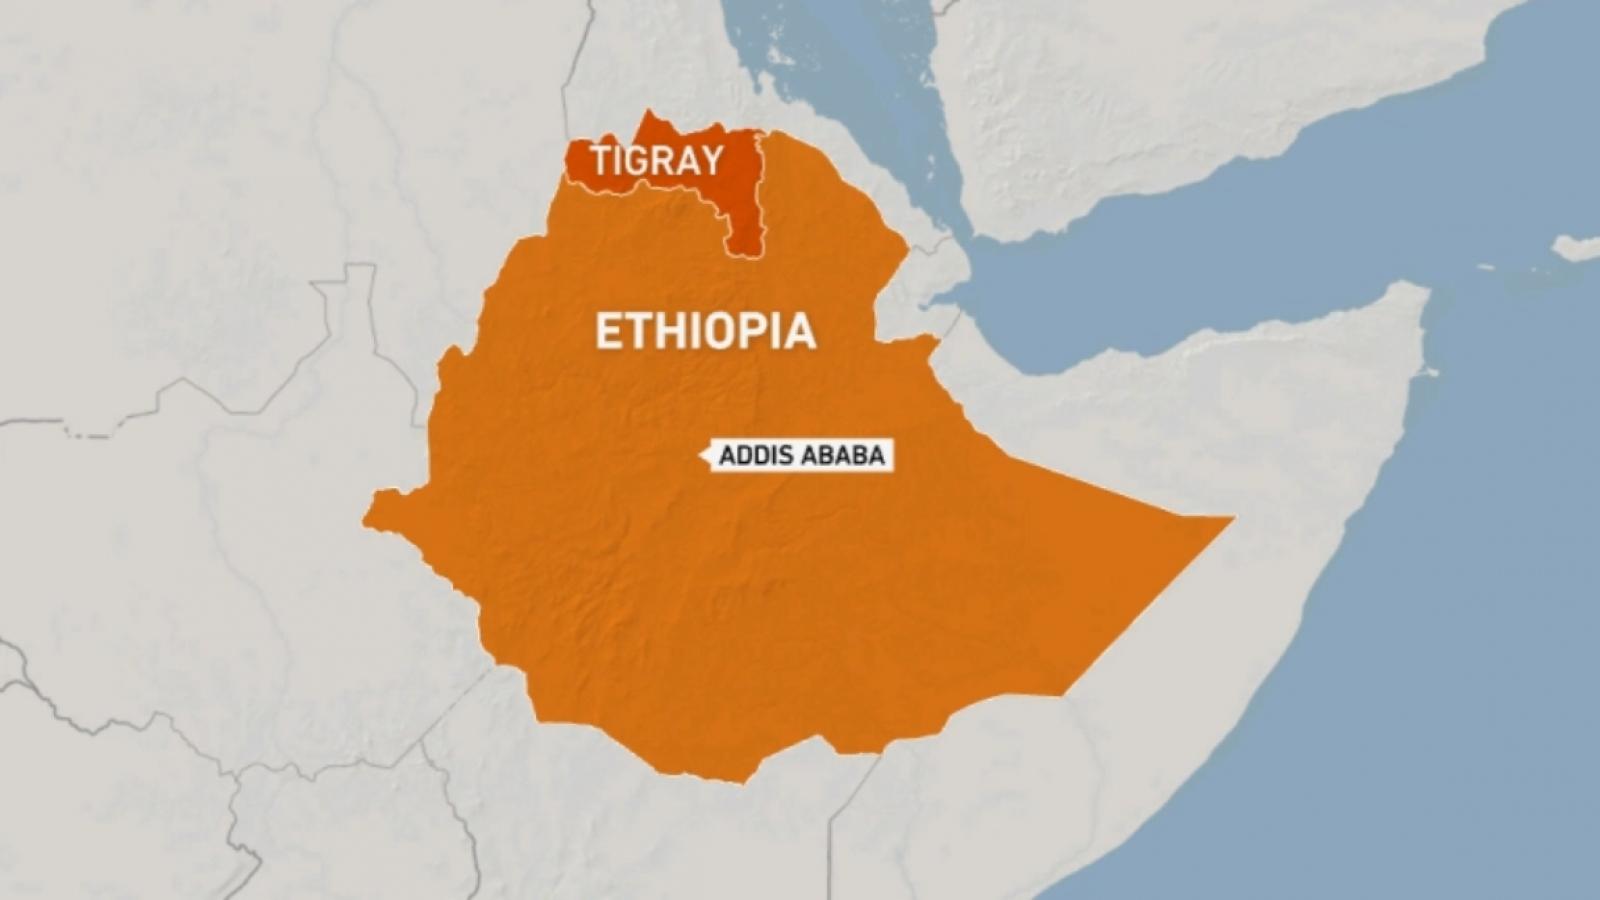 Xung đột tại Ethiopia khiến hàng trăm người thiệt mạng